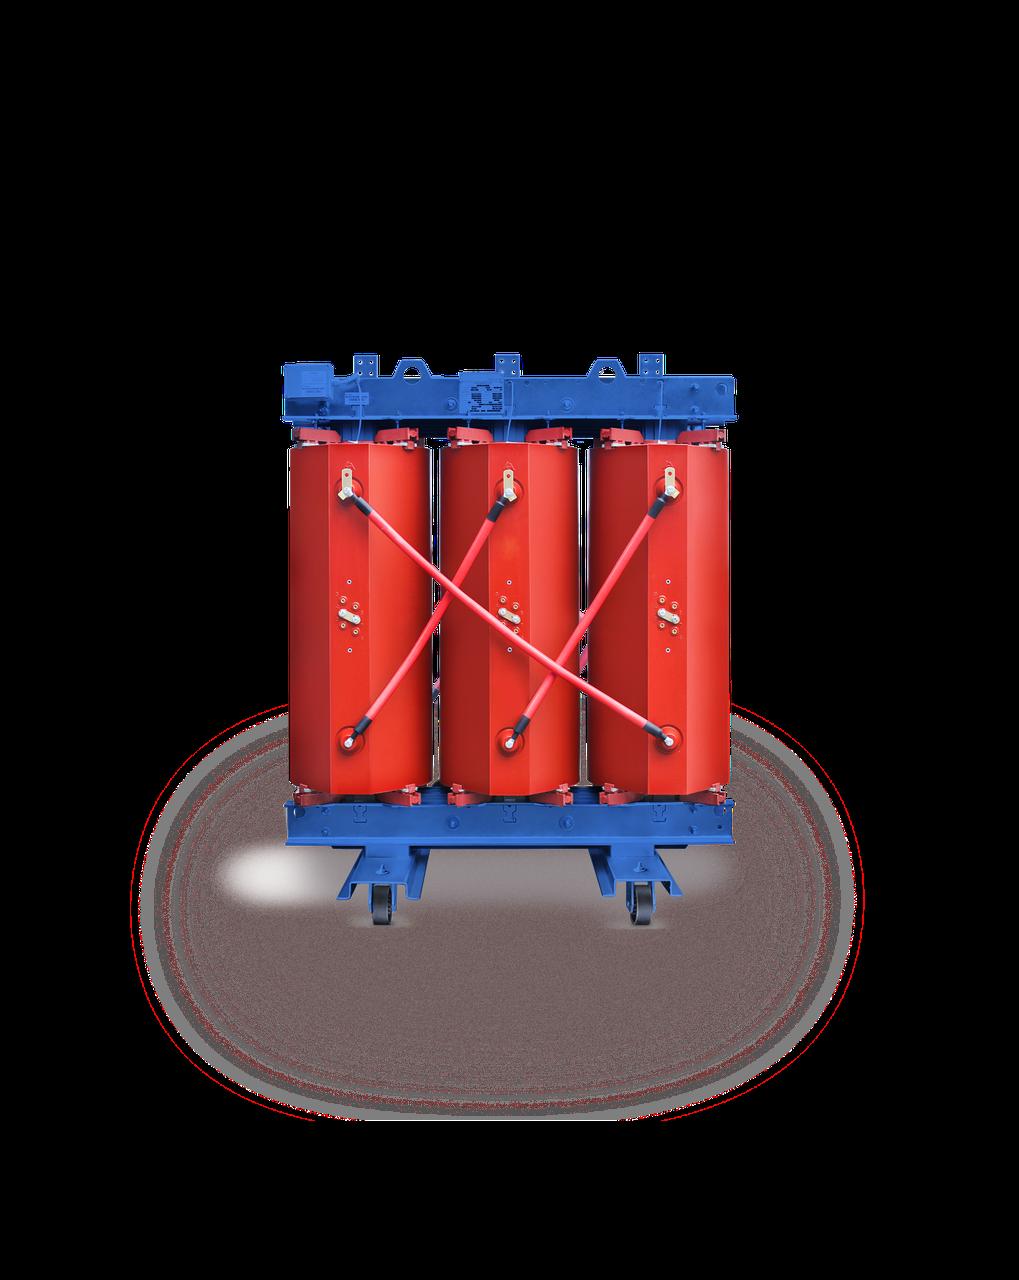 Трансформатор сухой с изоляцией из литой смолы типа TPZ, IP00, 1000кВА, 6/10/0,4